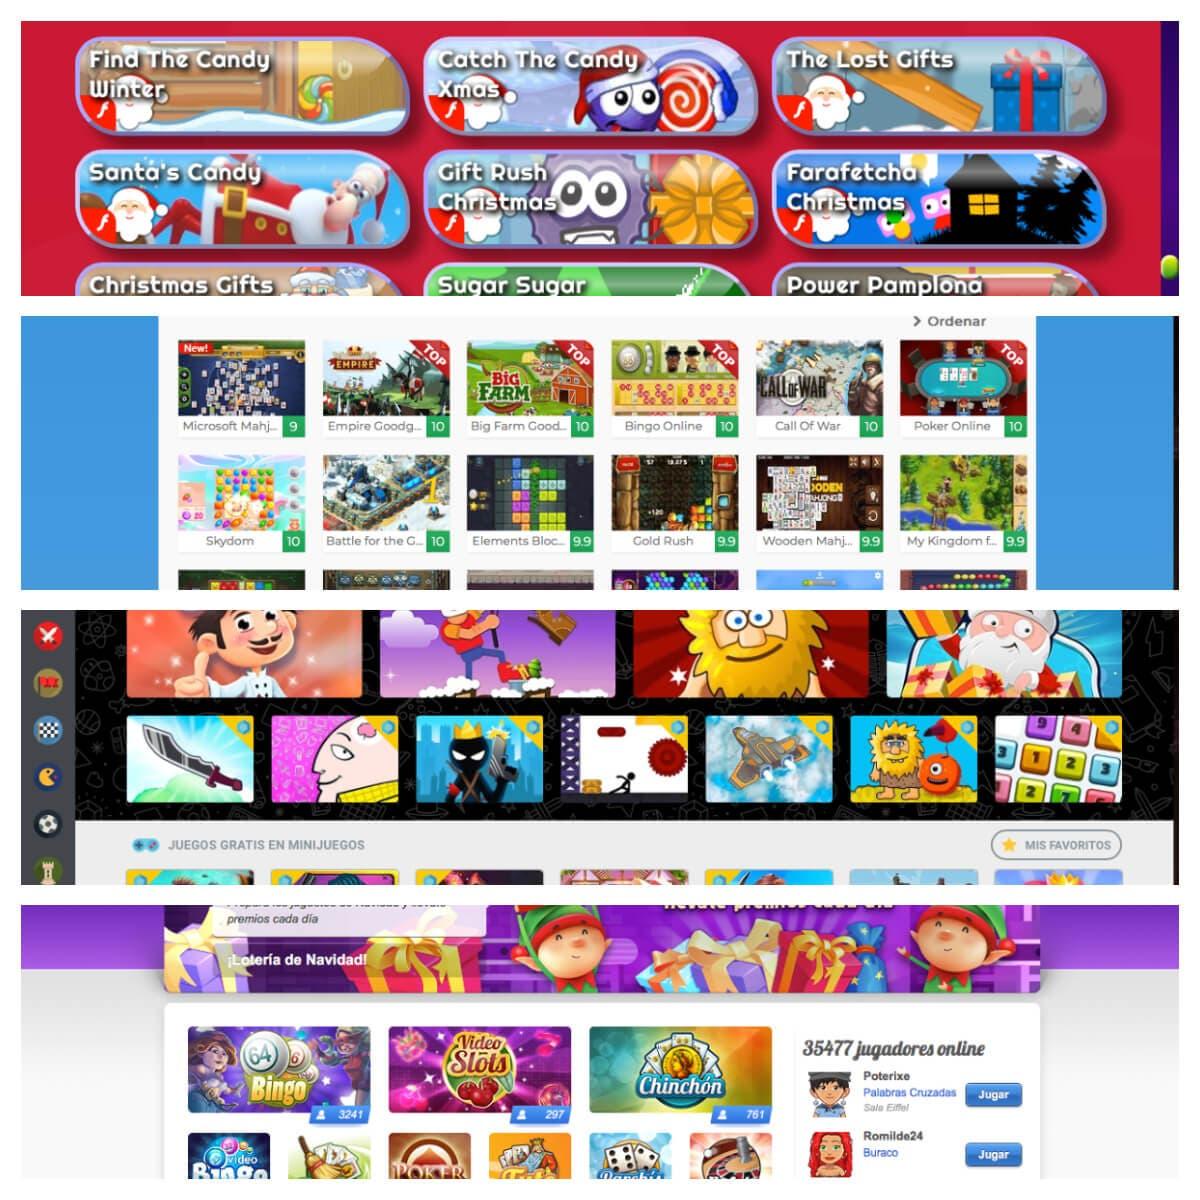 Friv: Juegos gratis online para jugar en cualquier parte 4